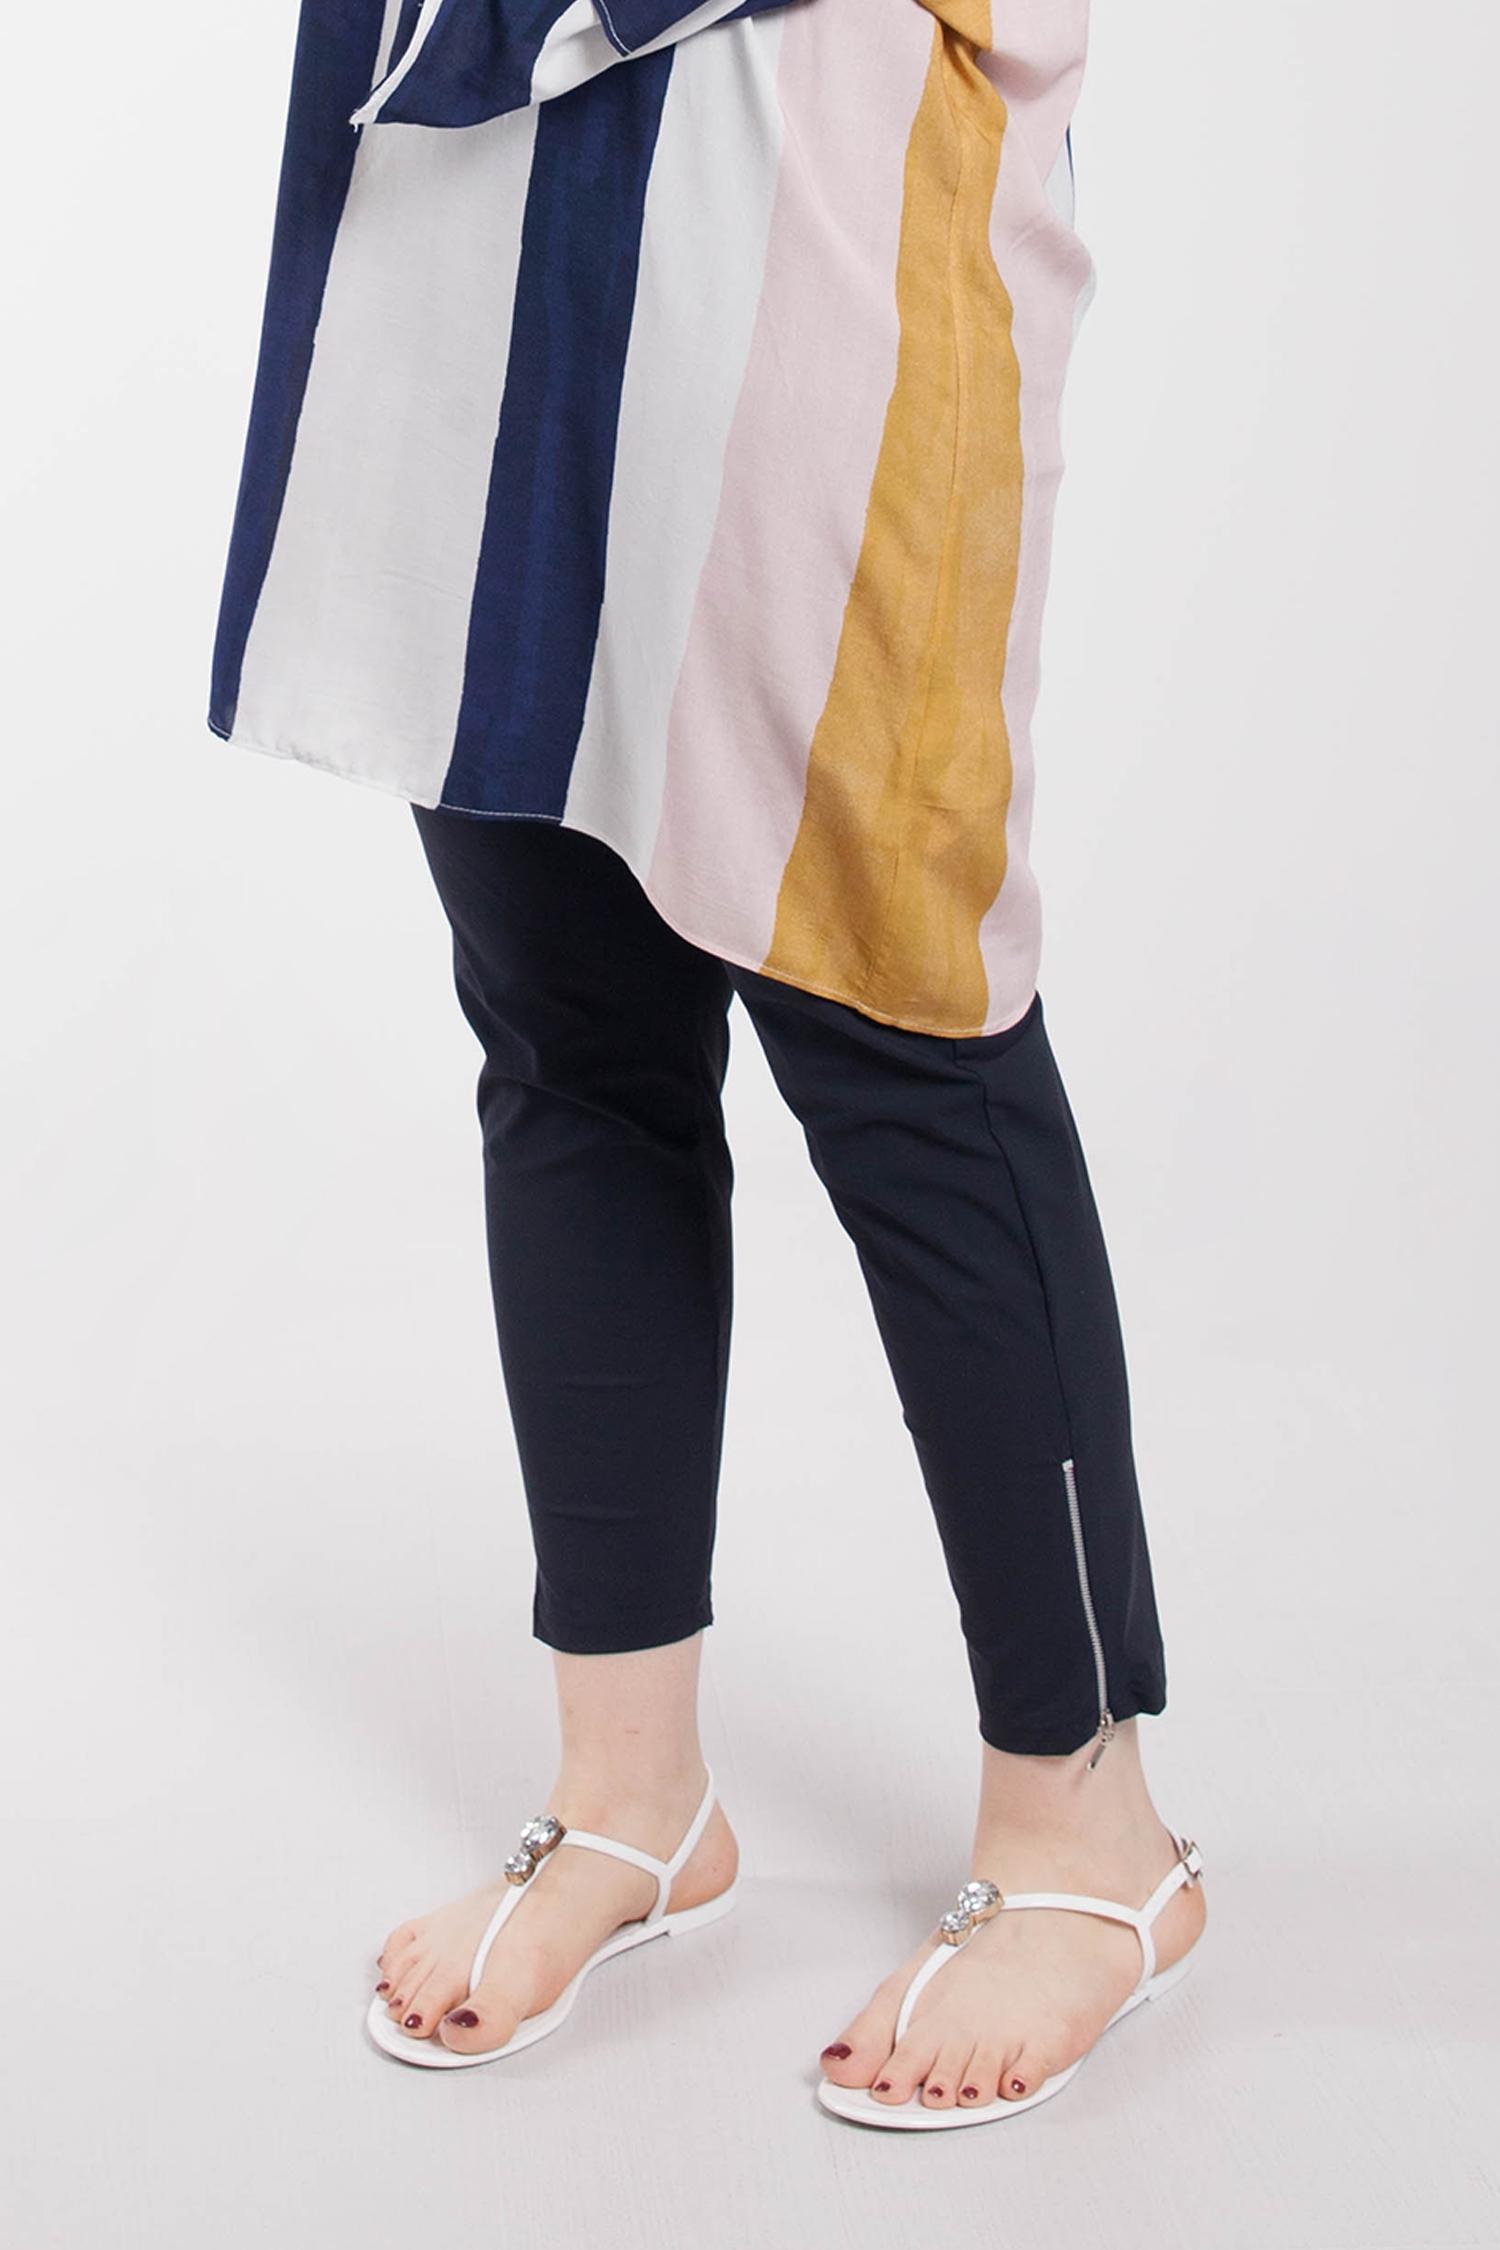 Calf zip underpants